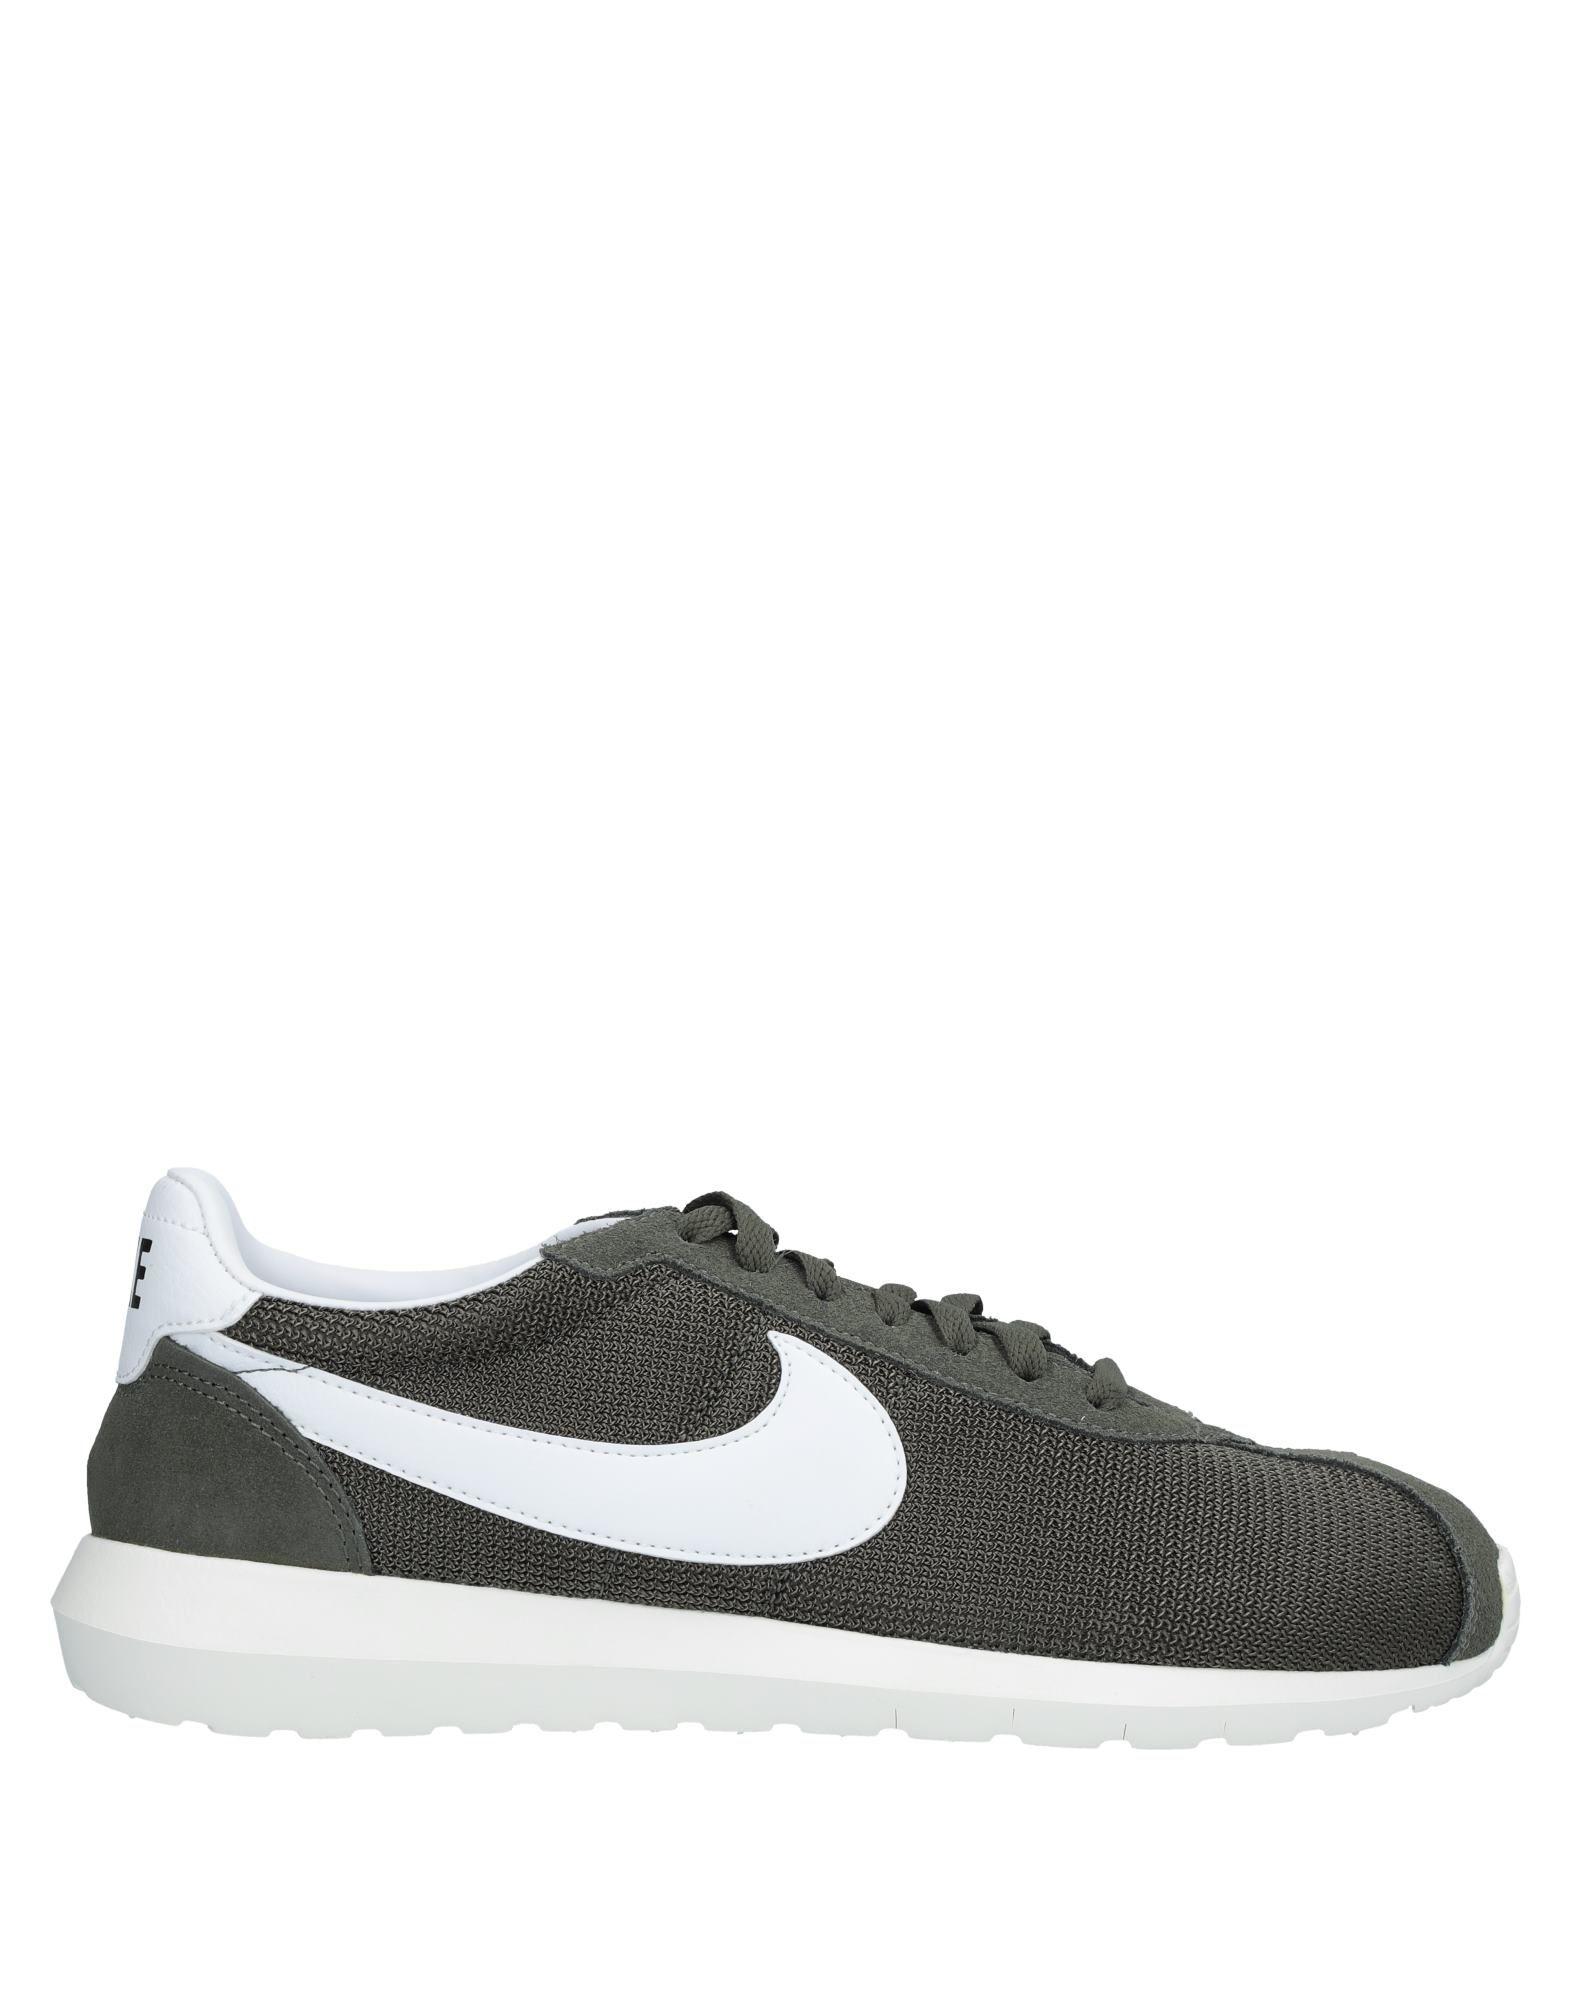 Scarpe economiche e resistenti Sneakers Nike Uomo - 11146163TU